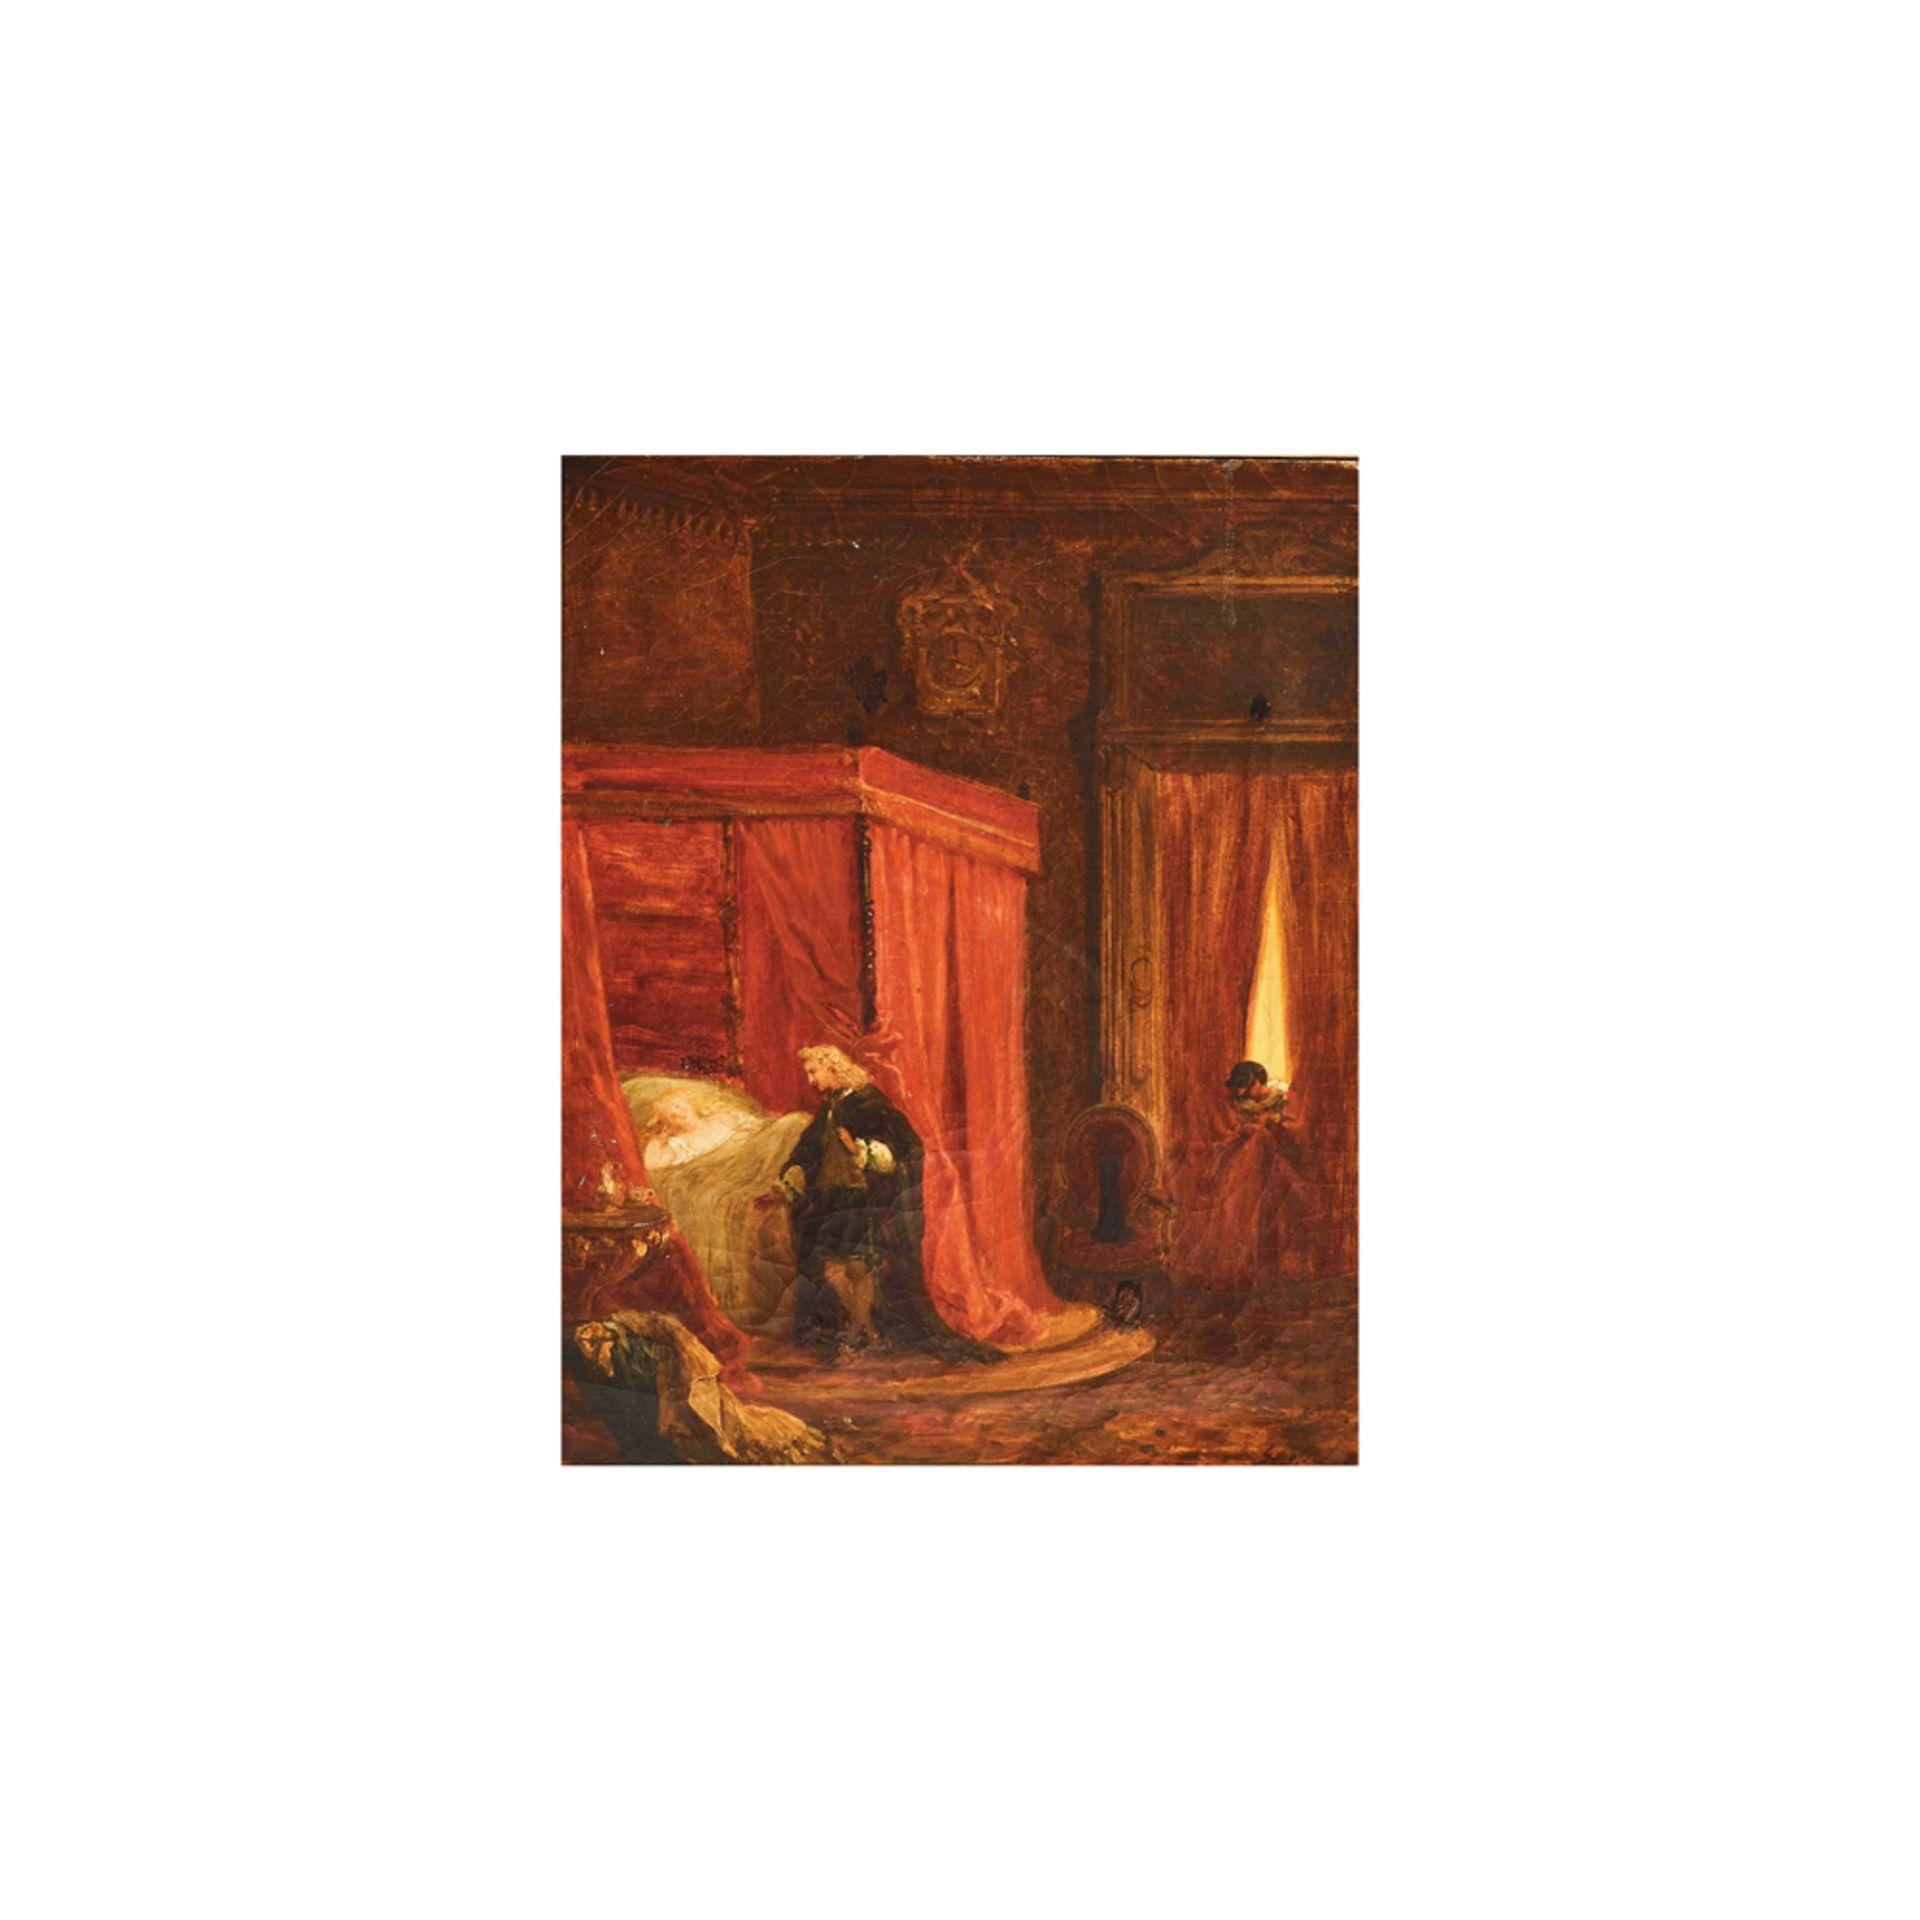 Los 20 - Escuela europea, s.XVIII.Interior de alcoba con figuras. Óleo sobre tela.